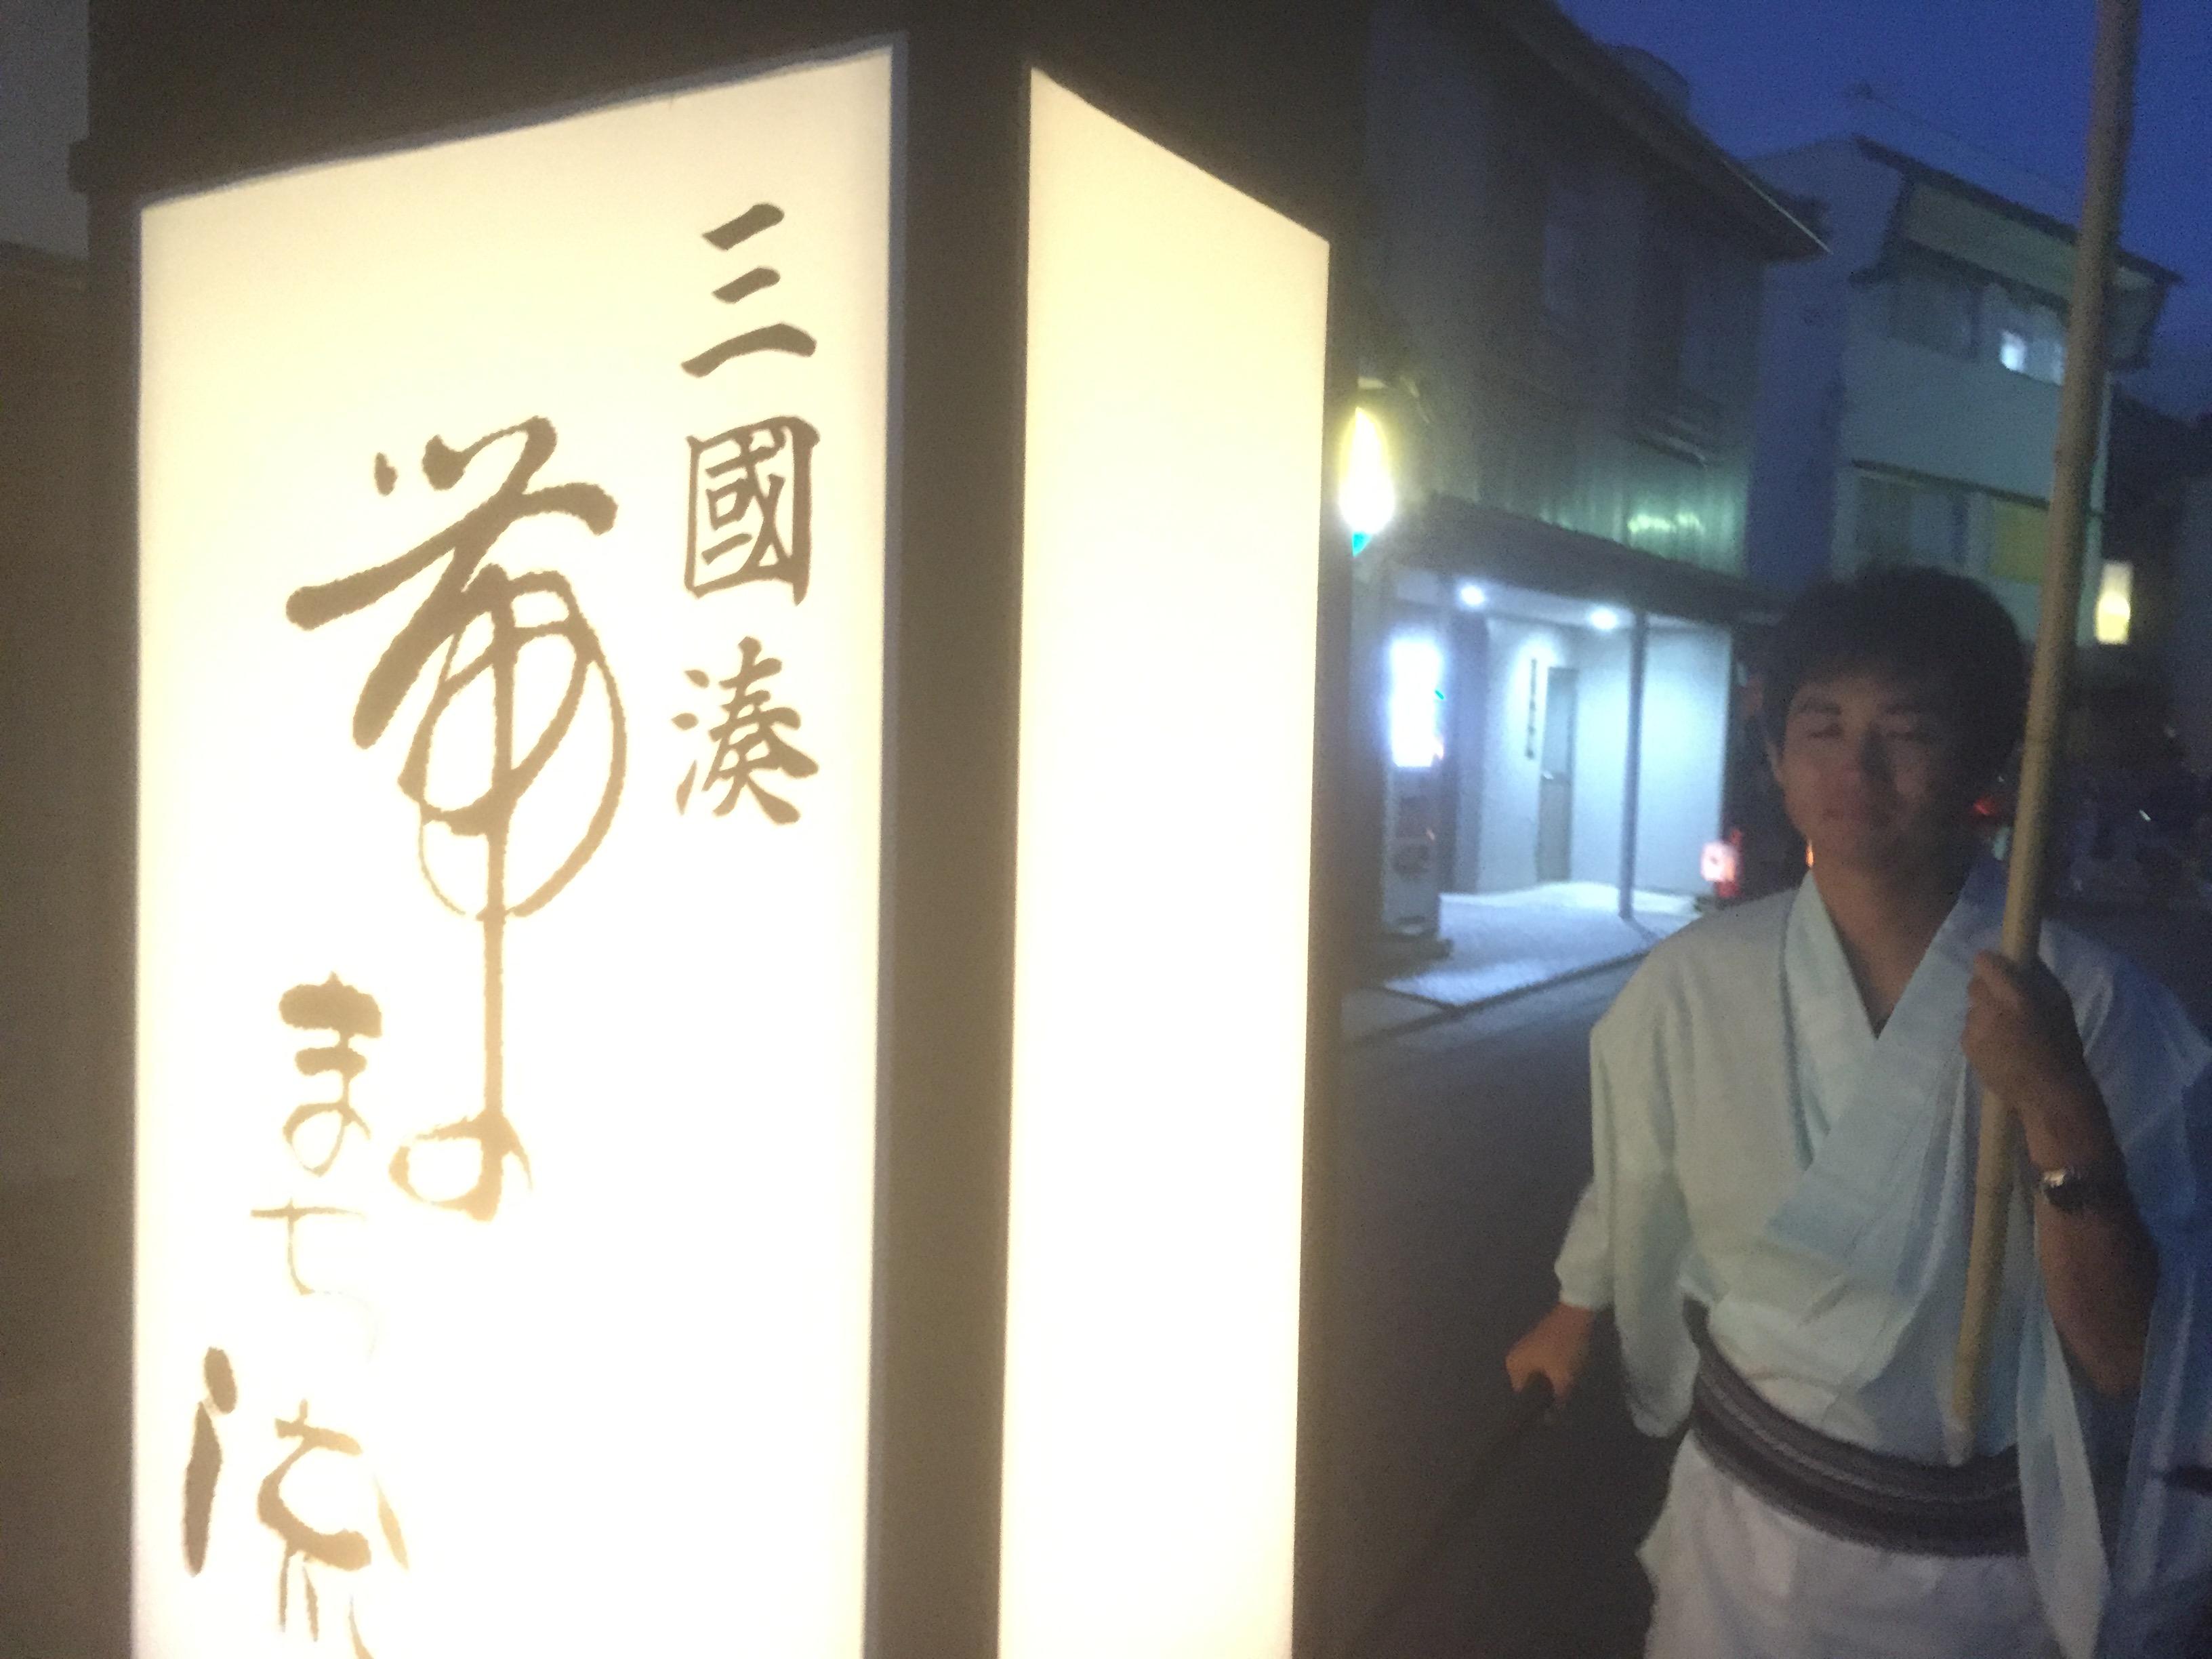 http://ud.t.u-tokyo.ac.jp/blog/_images/IMG_4736.JPG